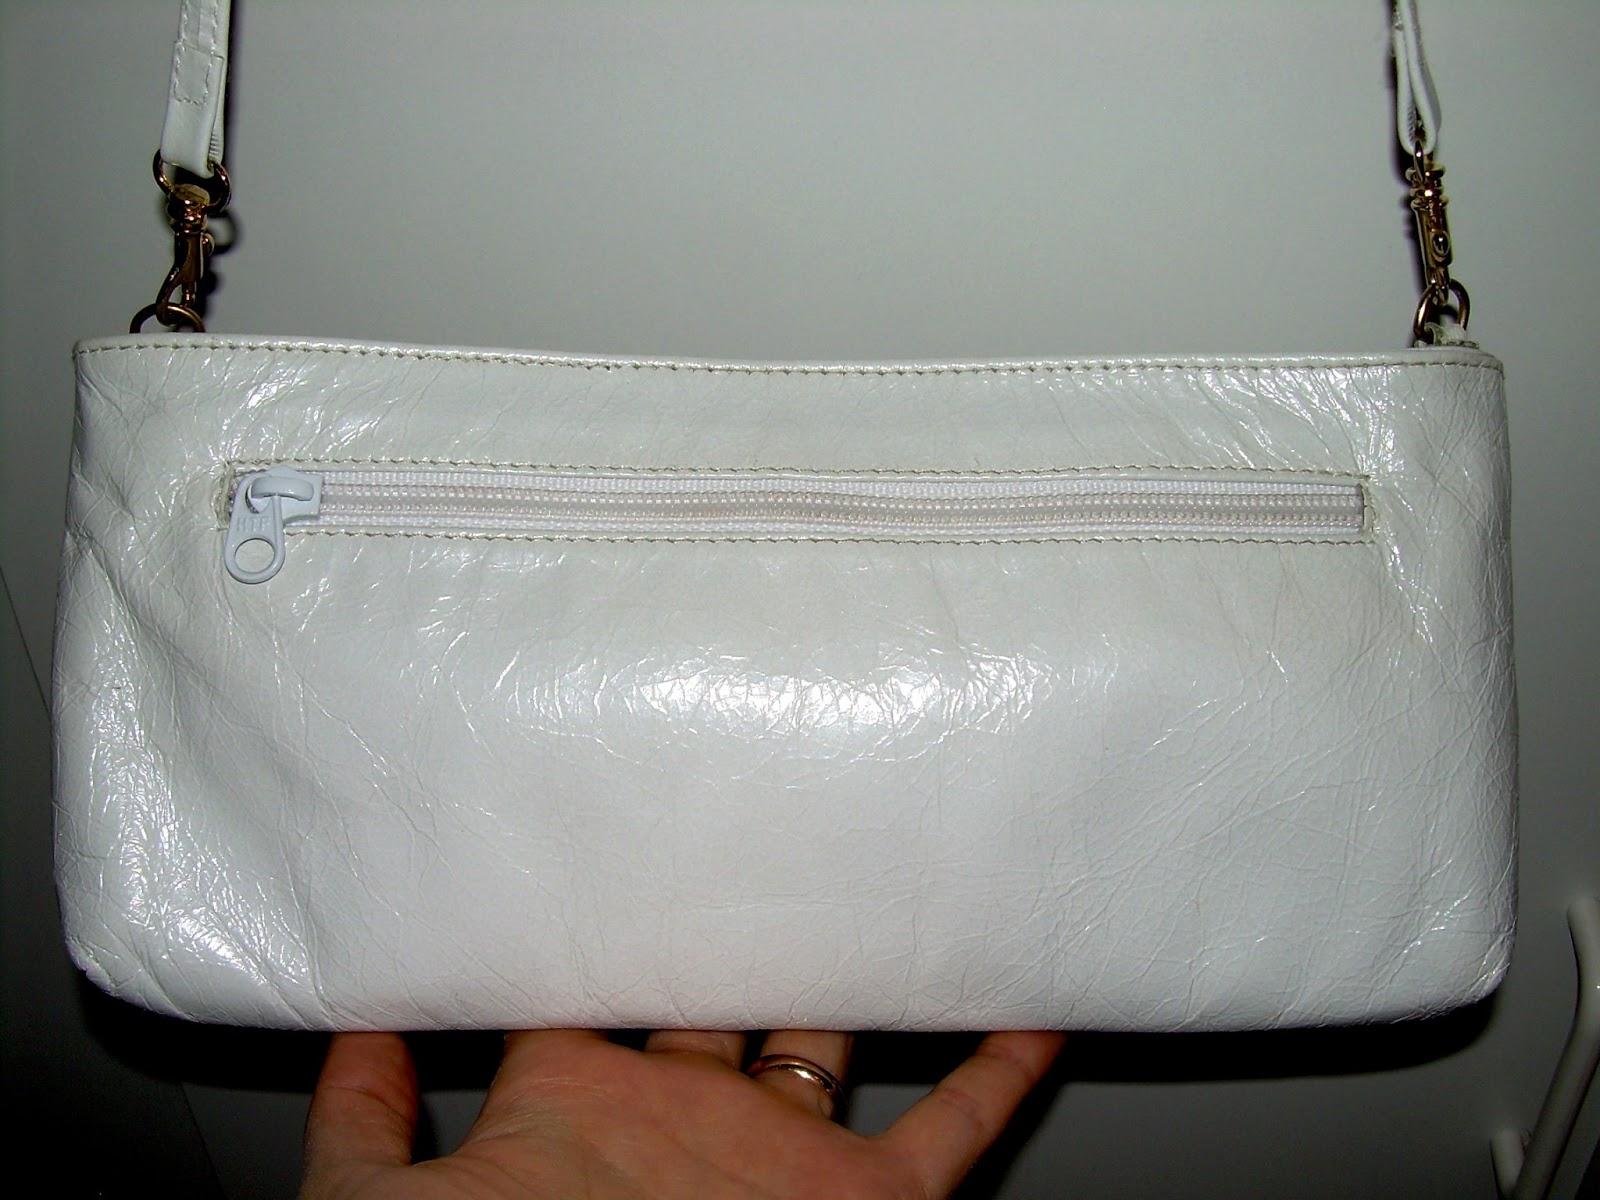 Pt design käsilaukku : Toisen k?den laukku valkoinen iltalaukku pt design myyty